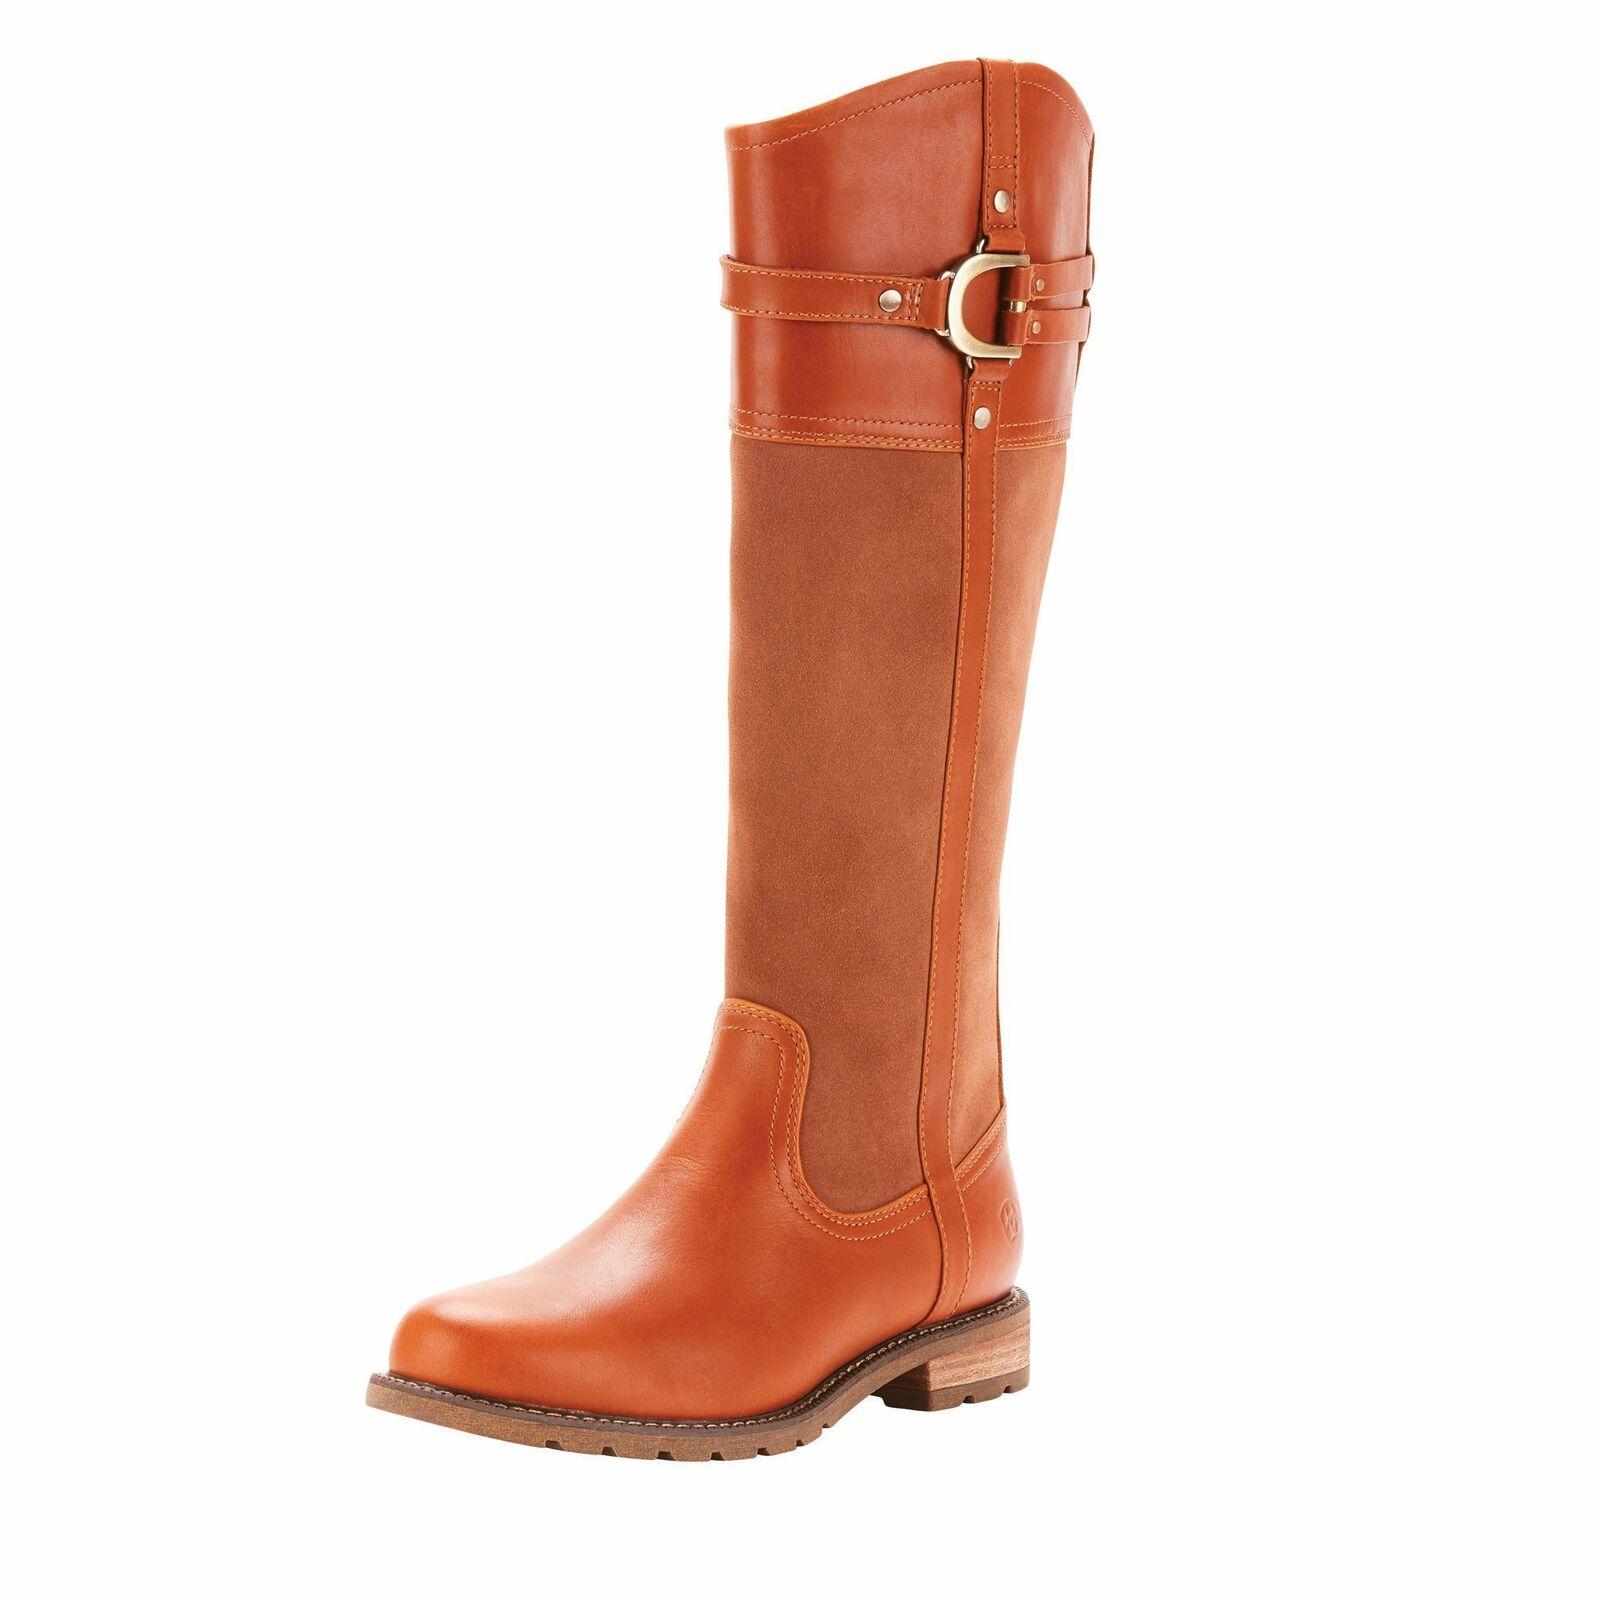 Ariat Loxley H2o Damen Stiefel Country Stiefel - Honeycomb Alle Größen